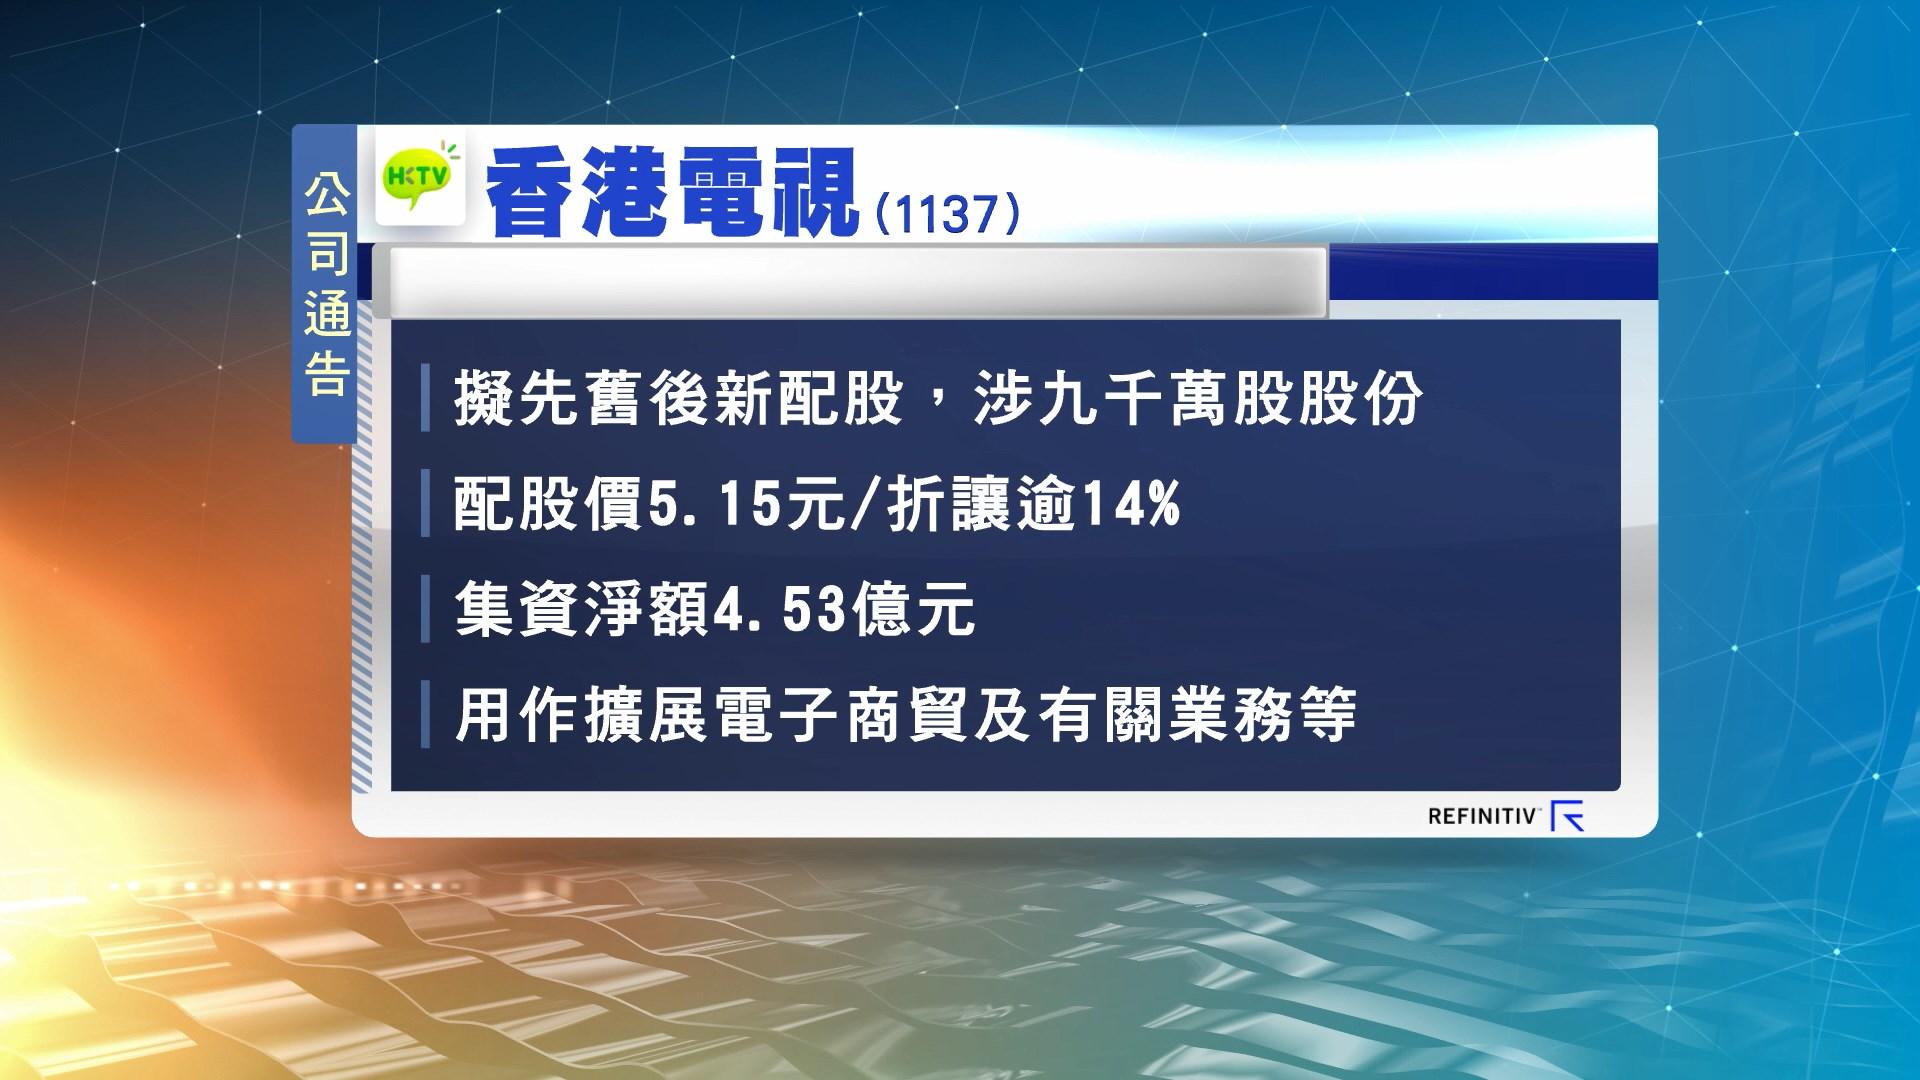 香港電視計劃配股集資逾4億元